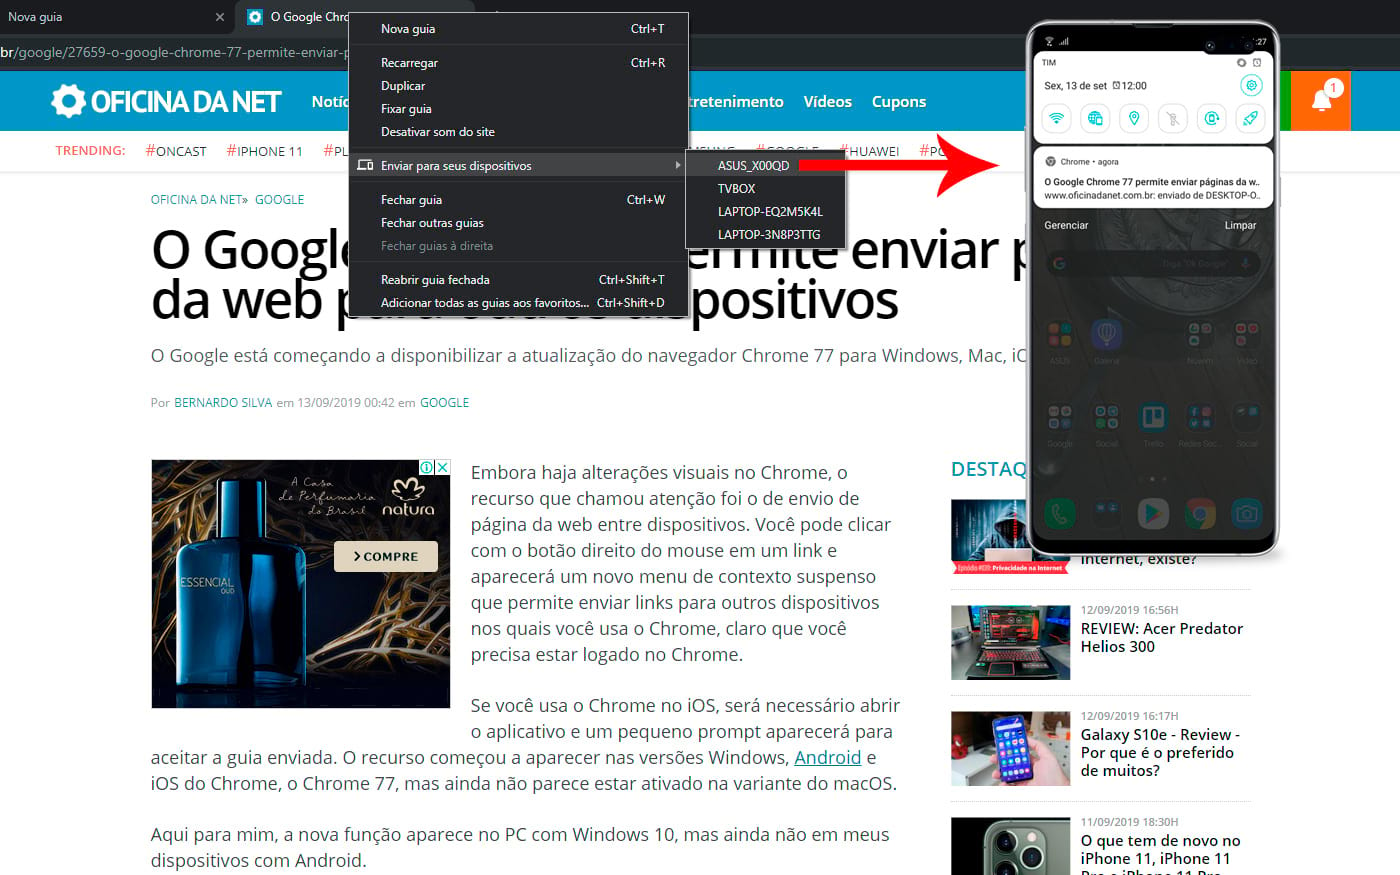 Chrome 77 - Atualização traz opção de enviar páginas e links entre dispositivos conectados ao seu usuário do google